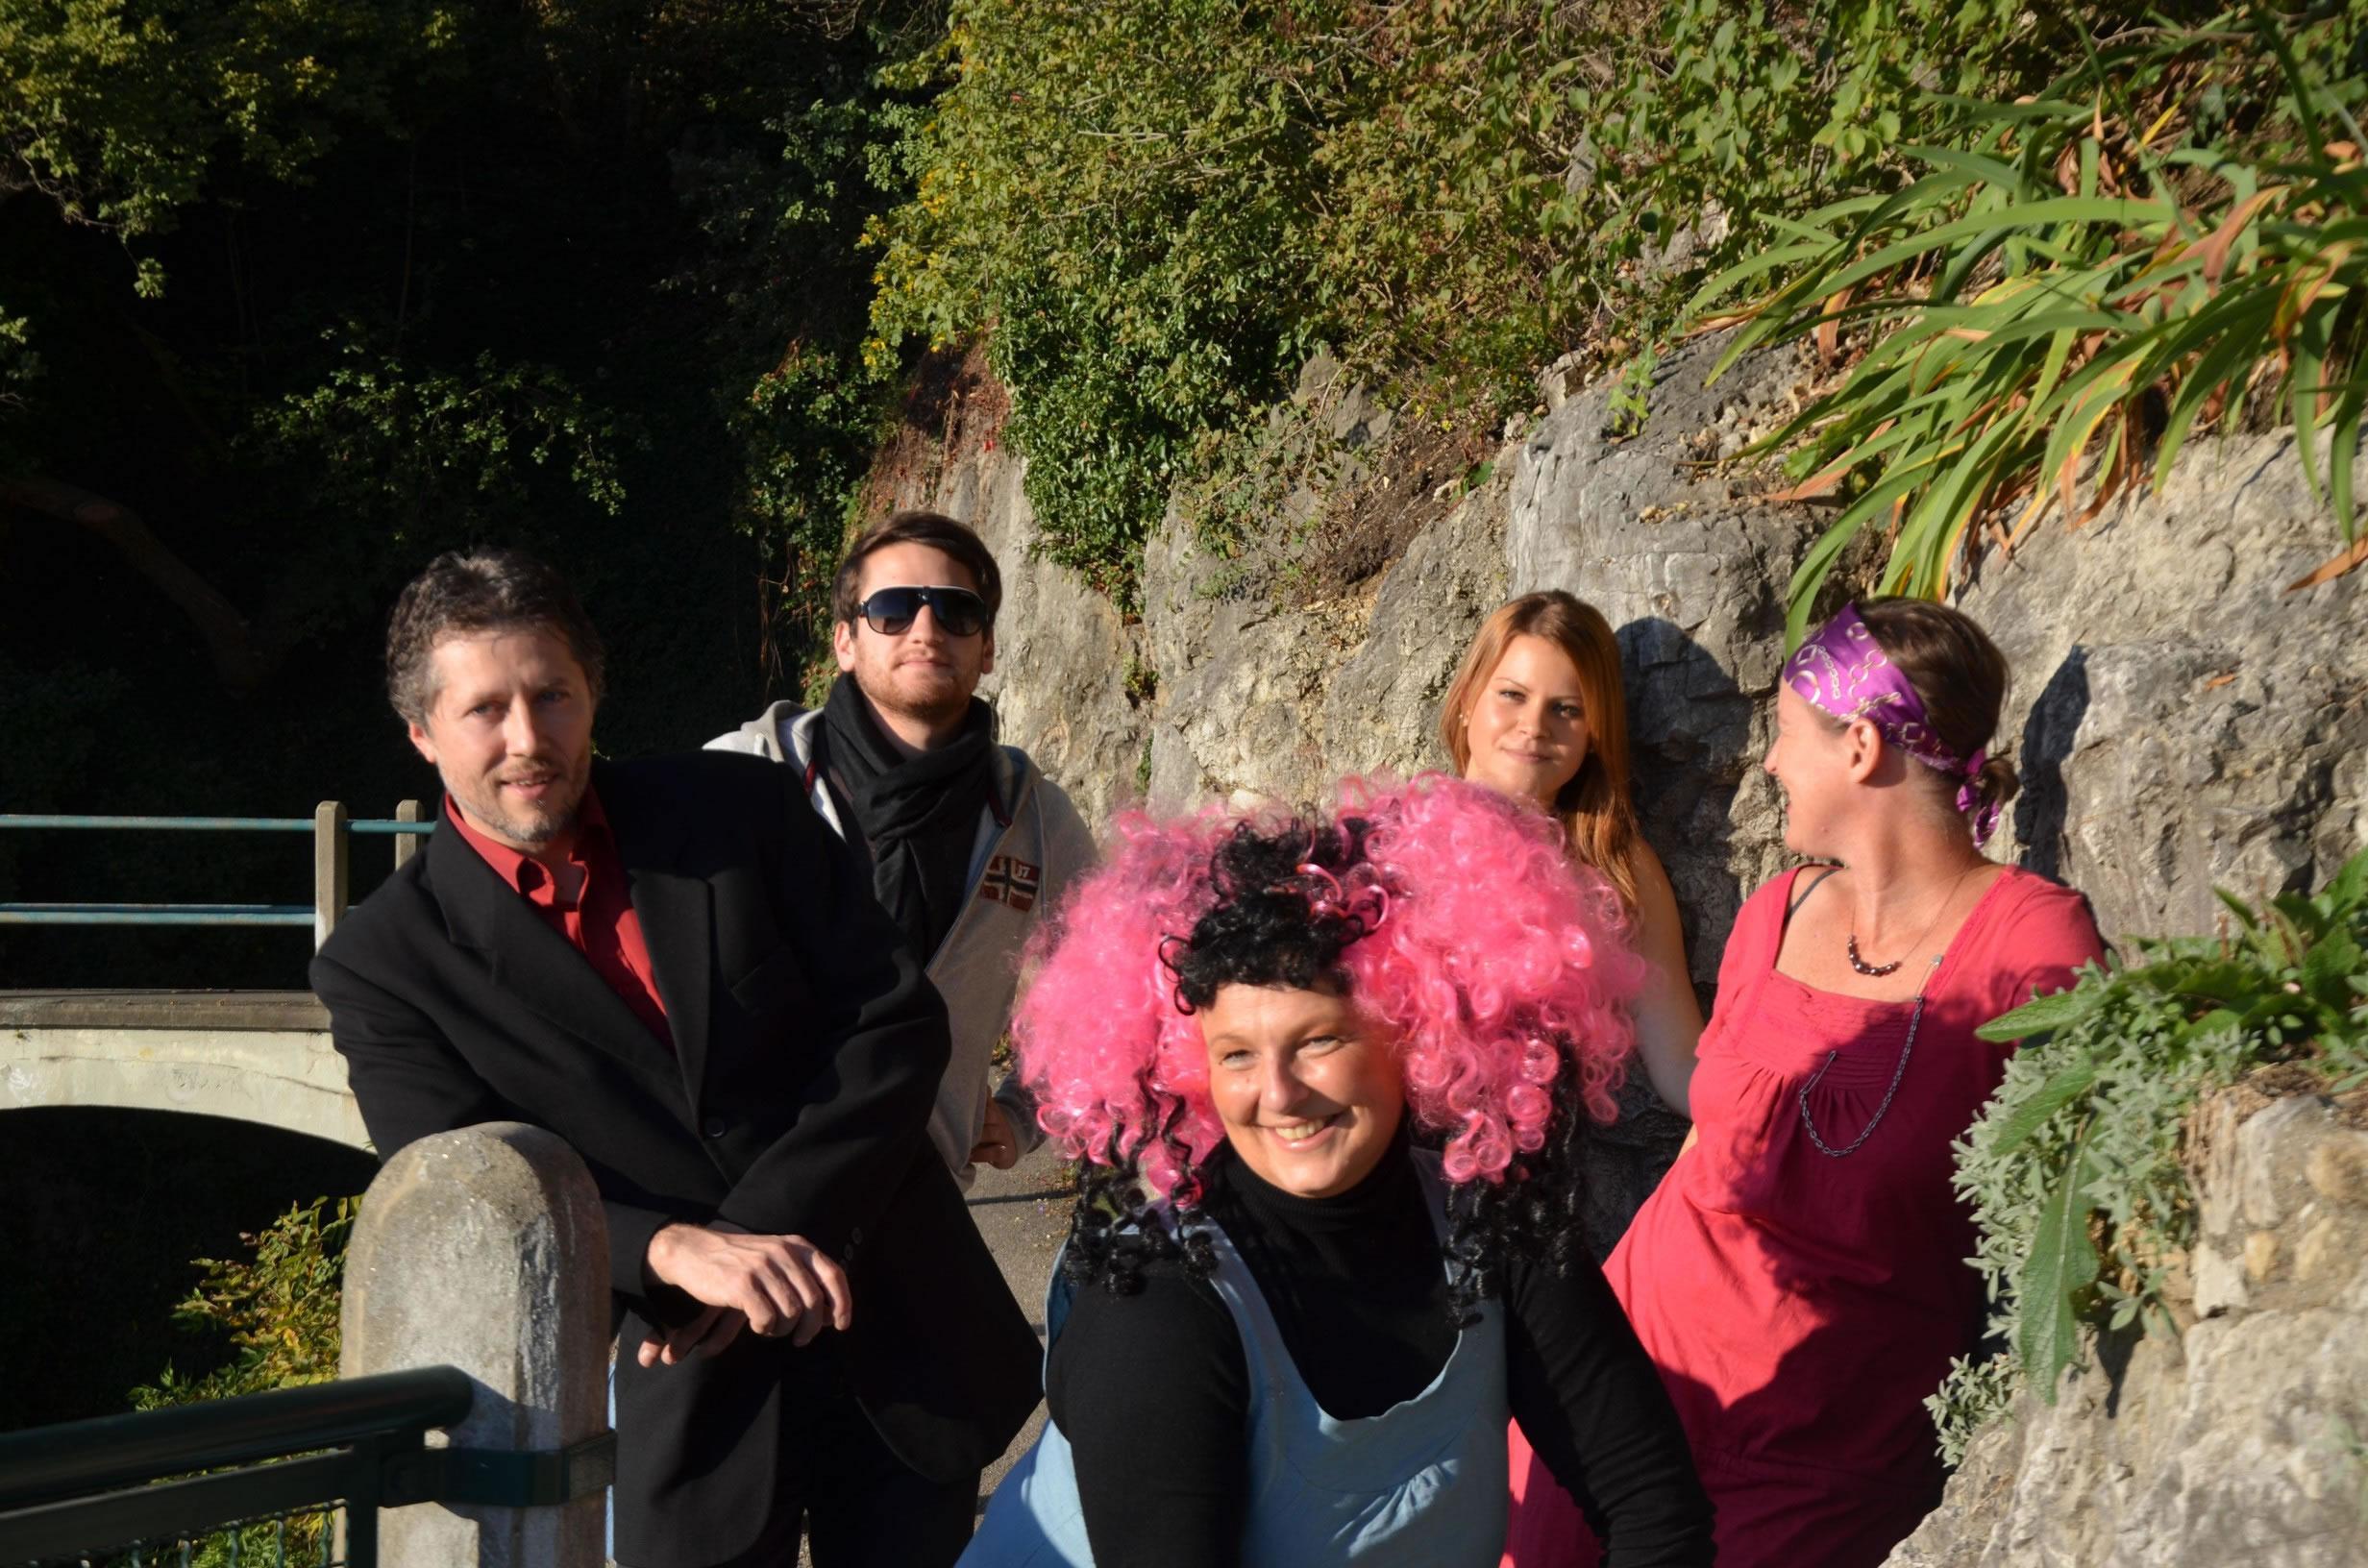 Betty Baloo Bande am Grazer Schlossberg